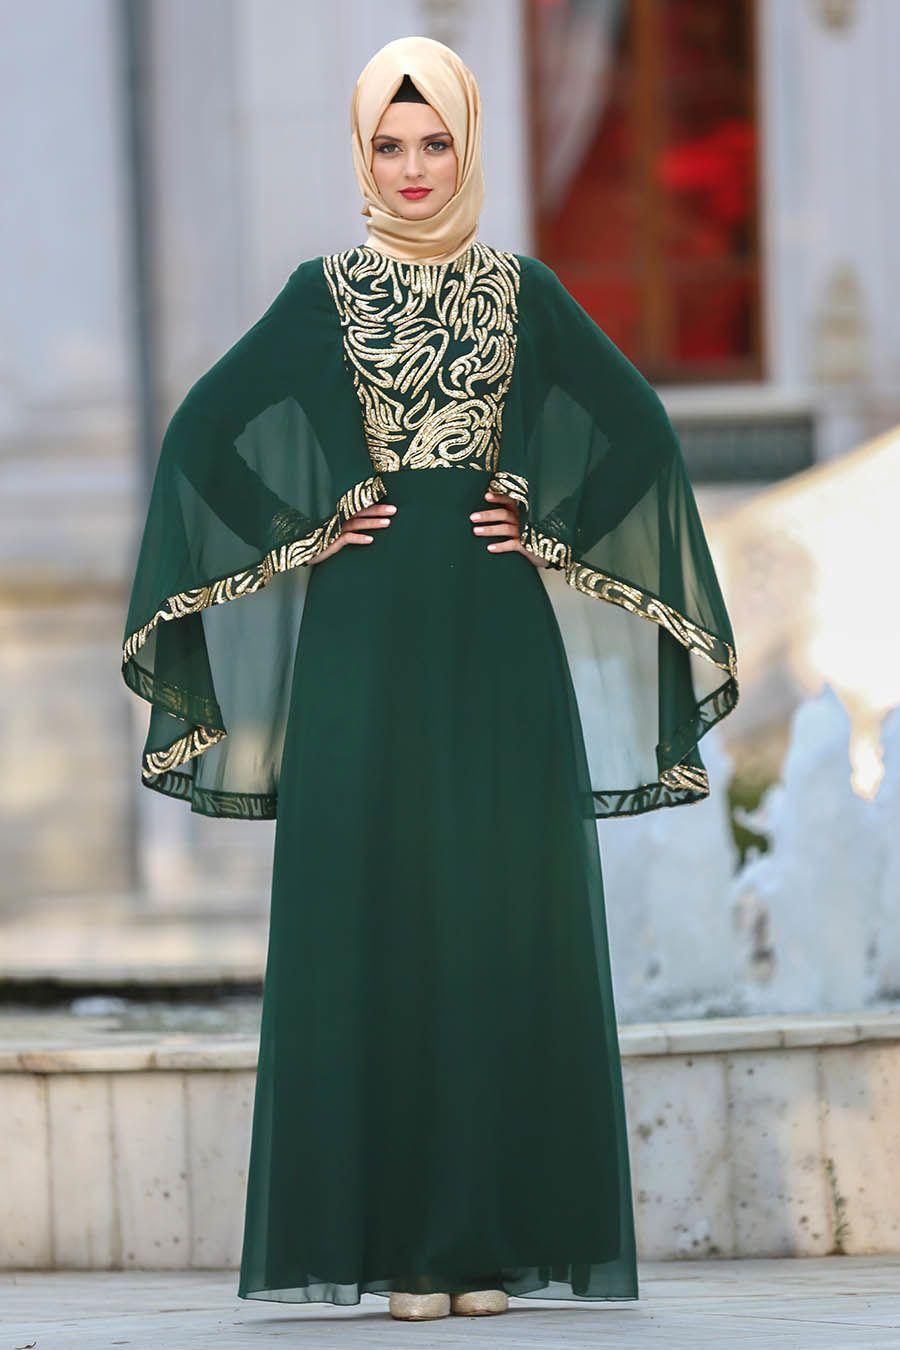 Neva Style Payet Detayli Yesil Tesettur Abiye Elbise 25620y Tesetturisland Tesettur Tesetturelbise Tesetturgiyim Tes Aksamustu Giysileri The Dress Payet